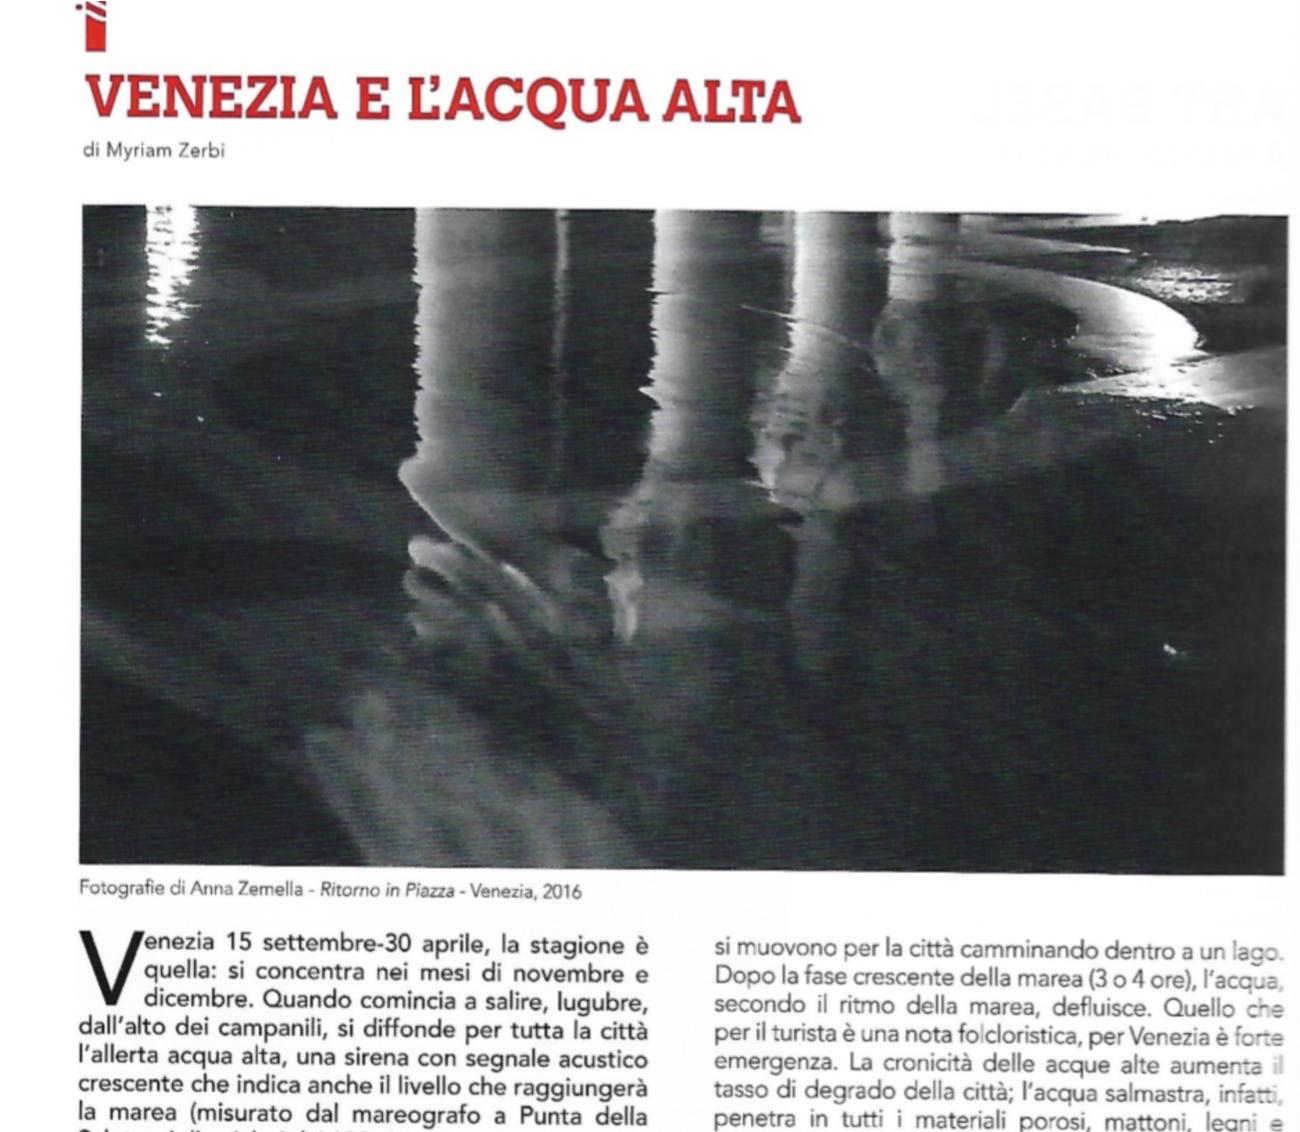 Venezia E L'acqua Alta Image